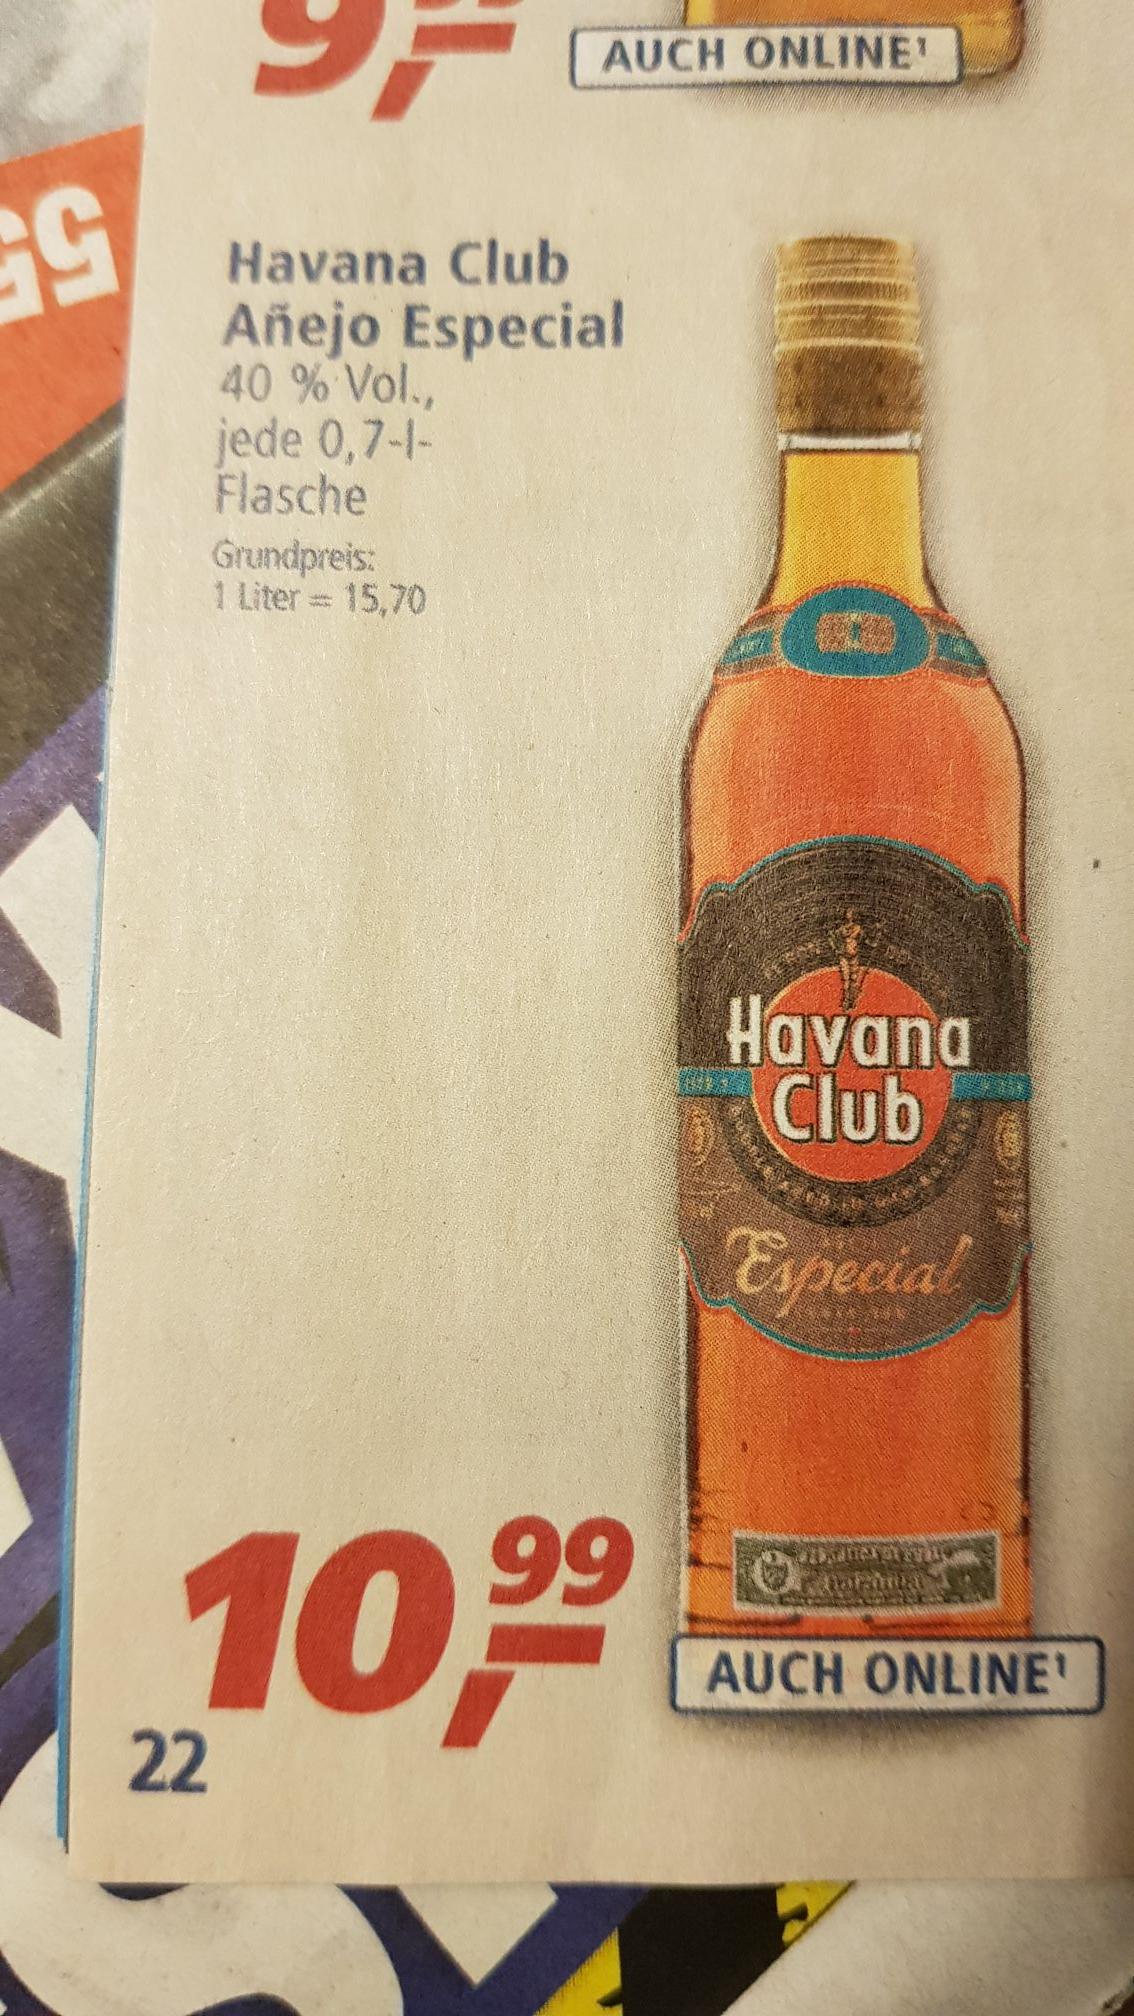 [REAL] Havana Club Añejo Especial